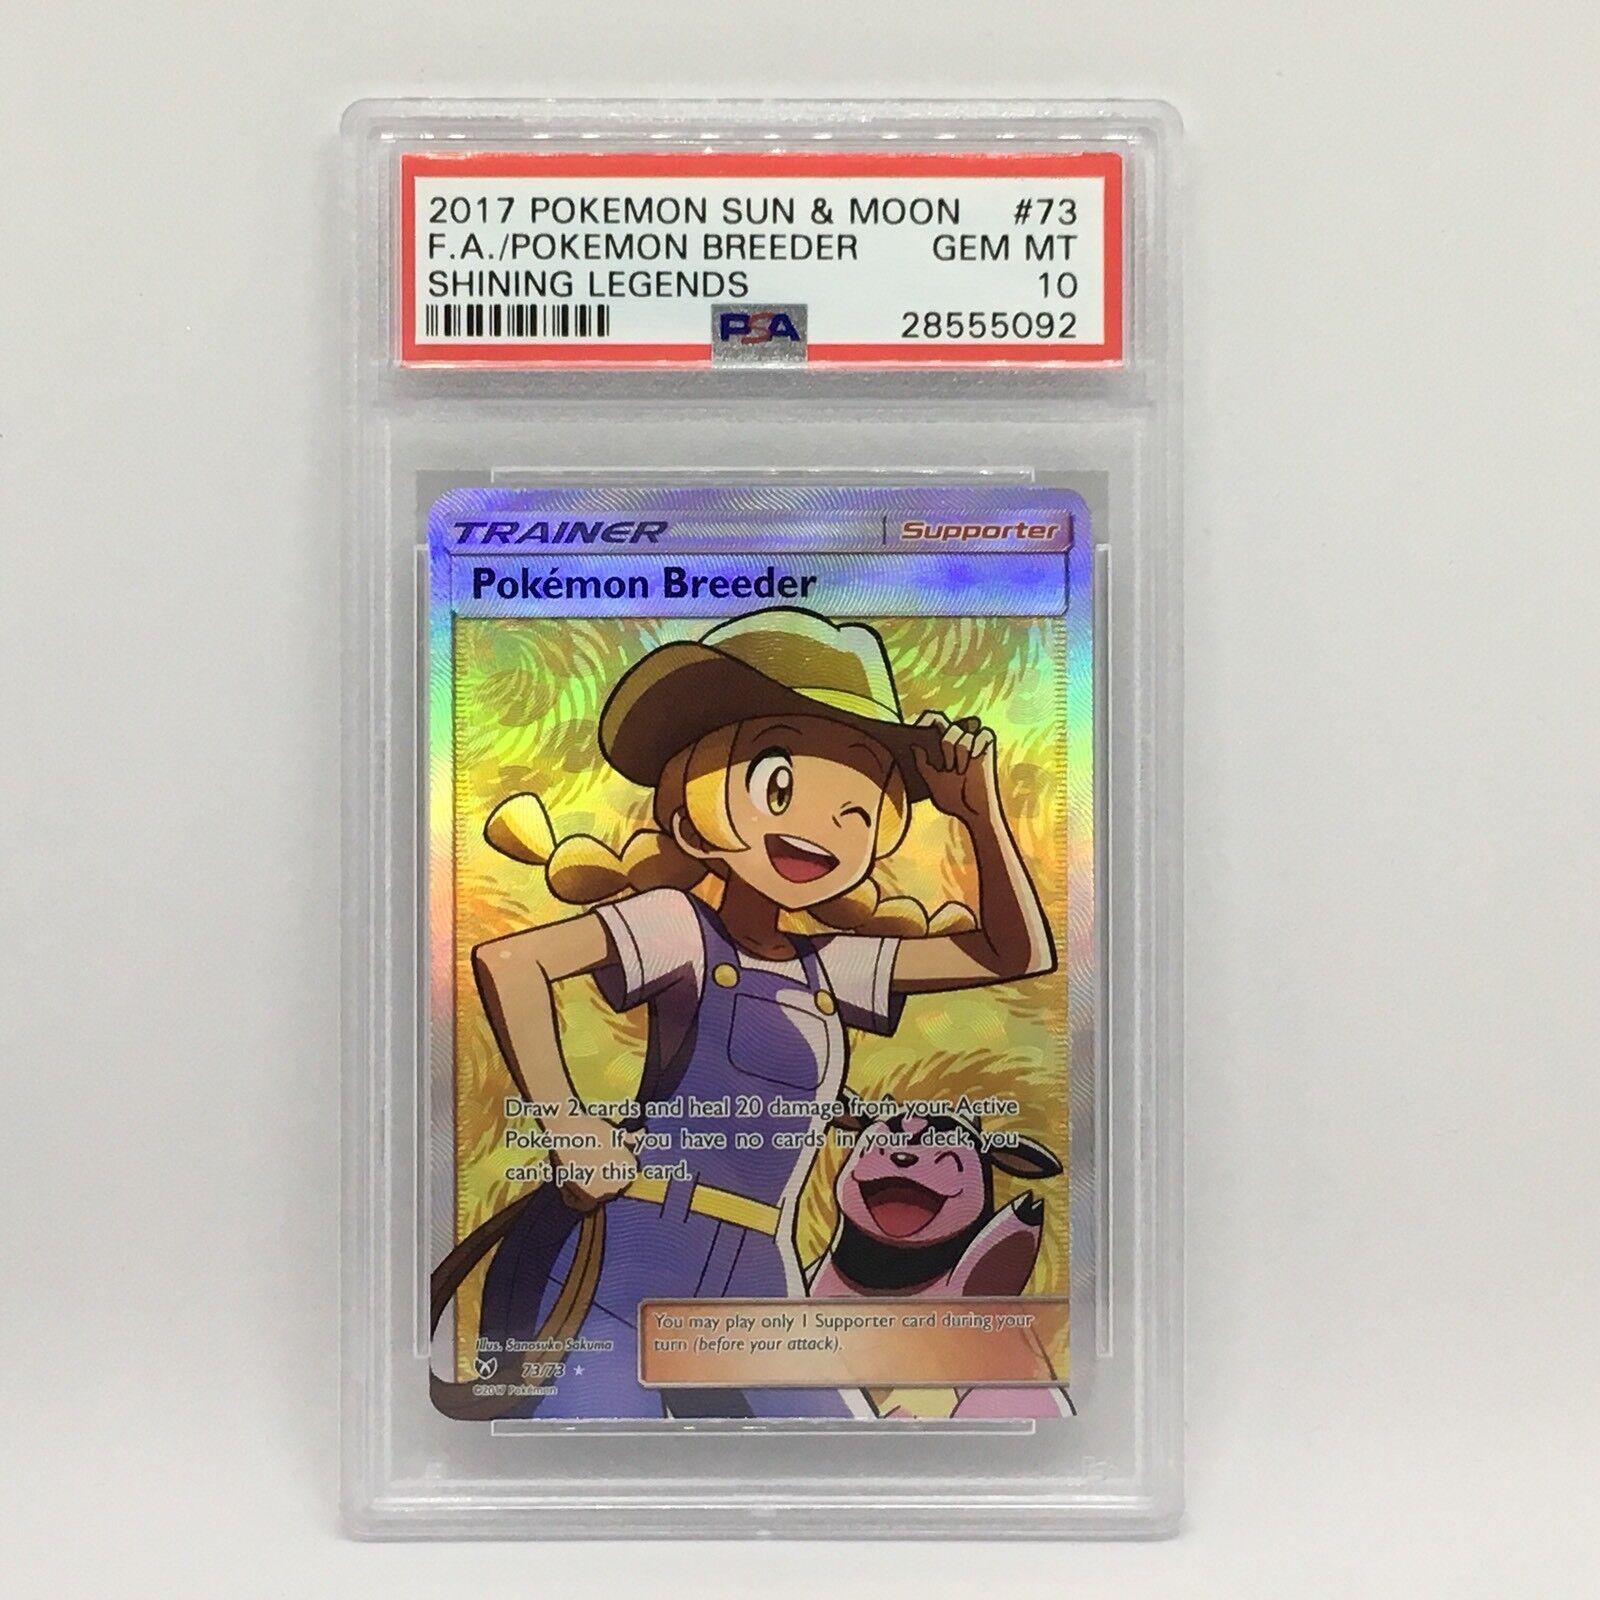 PSA 10 Pokemon Breeder Full Art Pokemon Sun & Moon Shining Legends Card